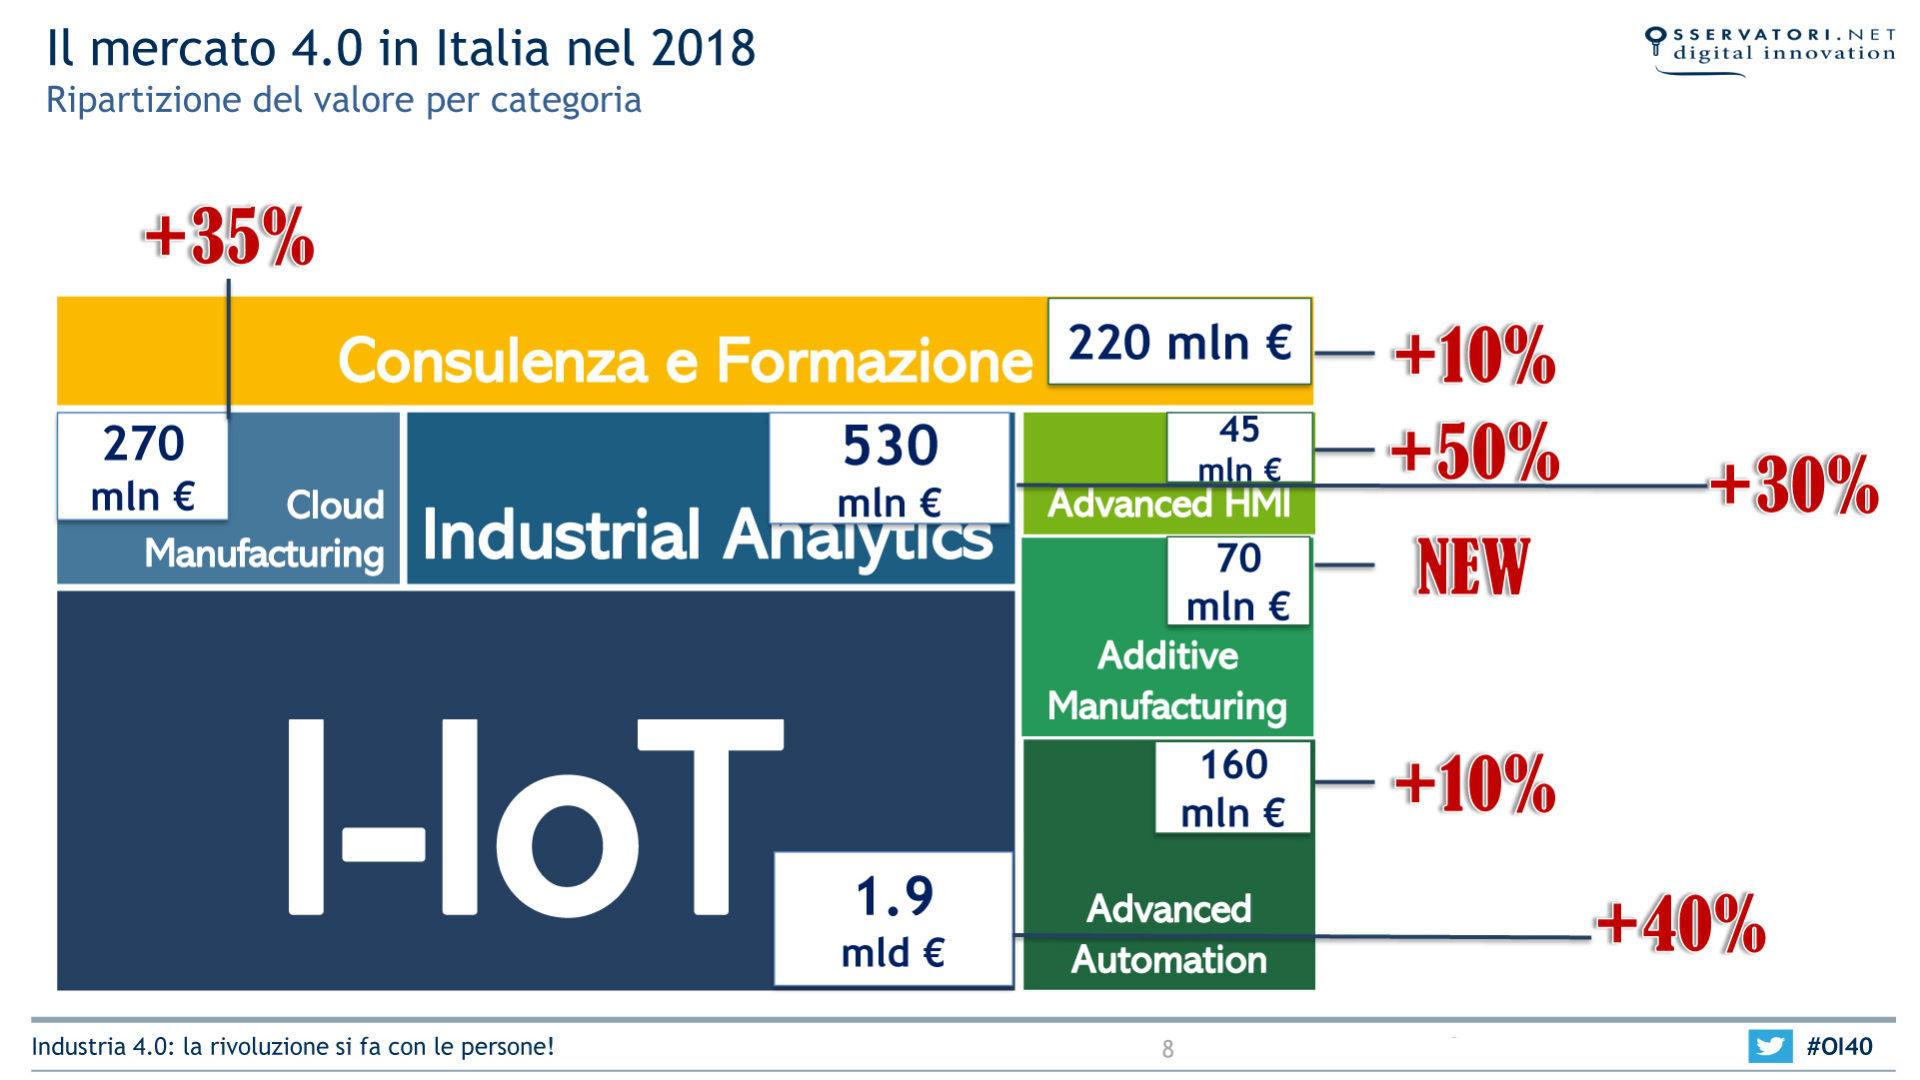 Grafico che mostra Il mercato dell'Industria 4.0 in Italia nel 2018